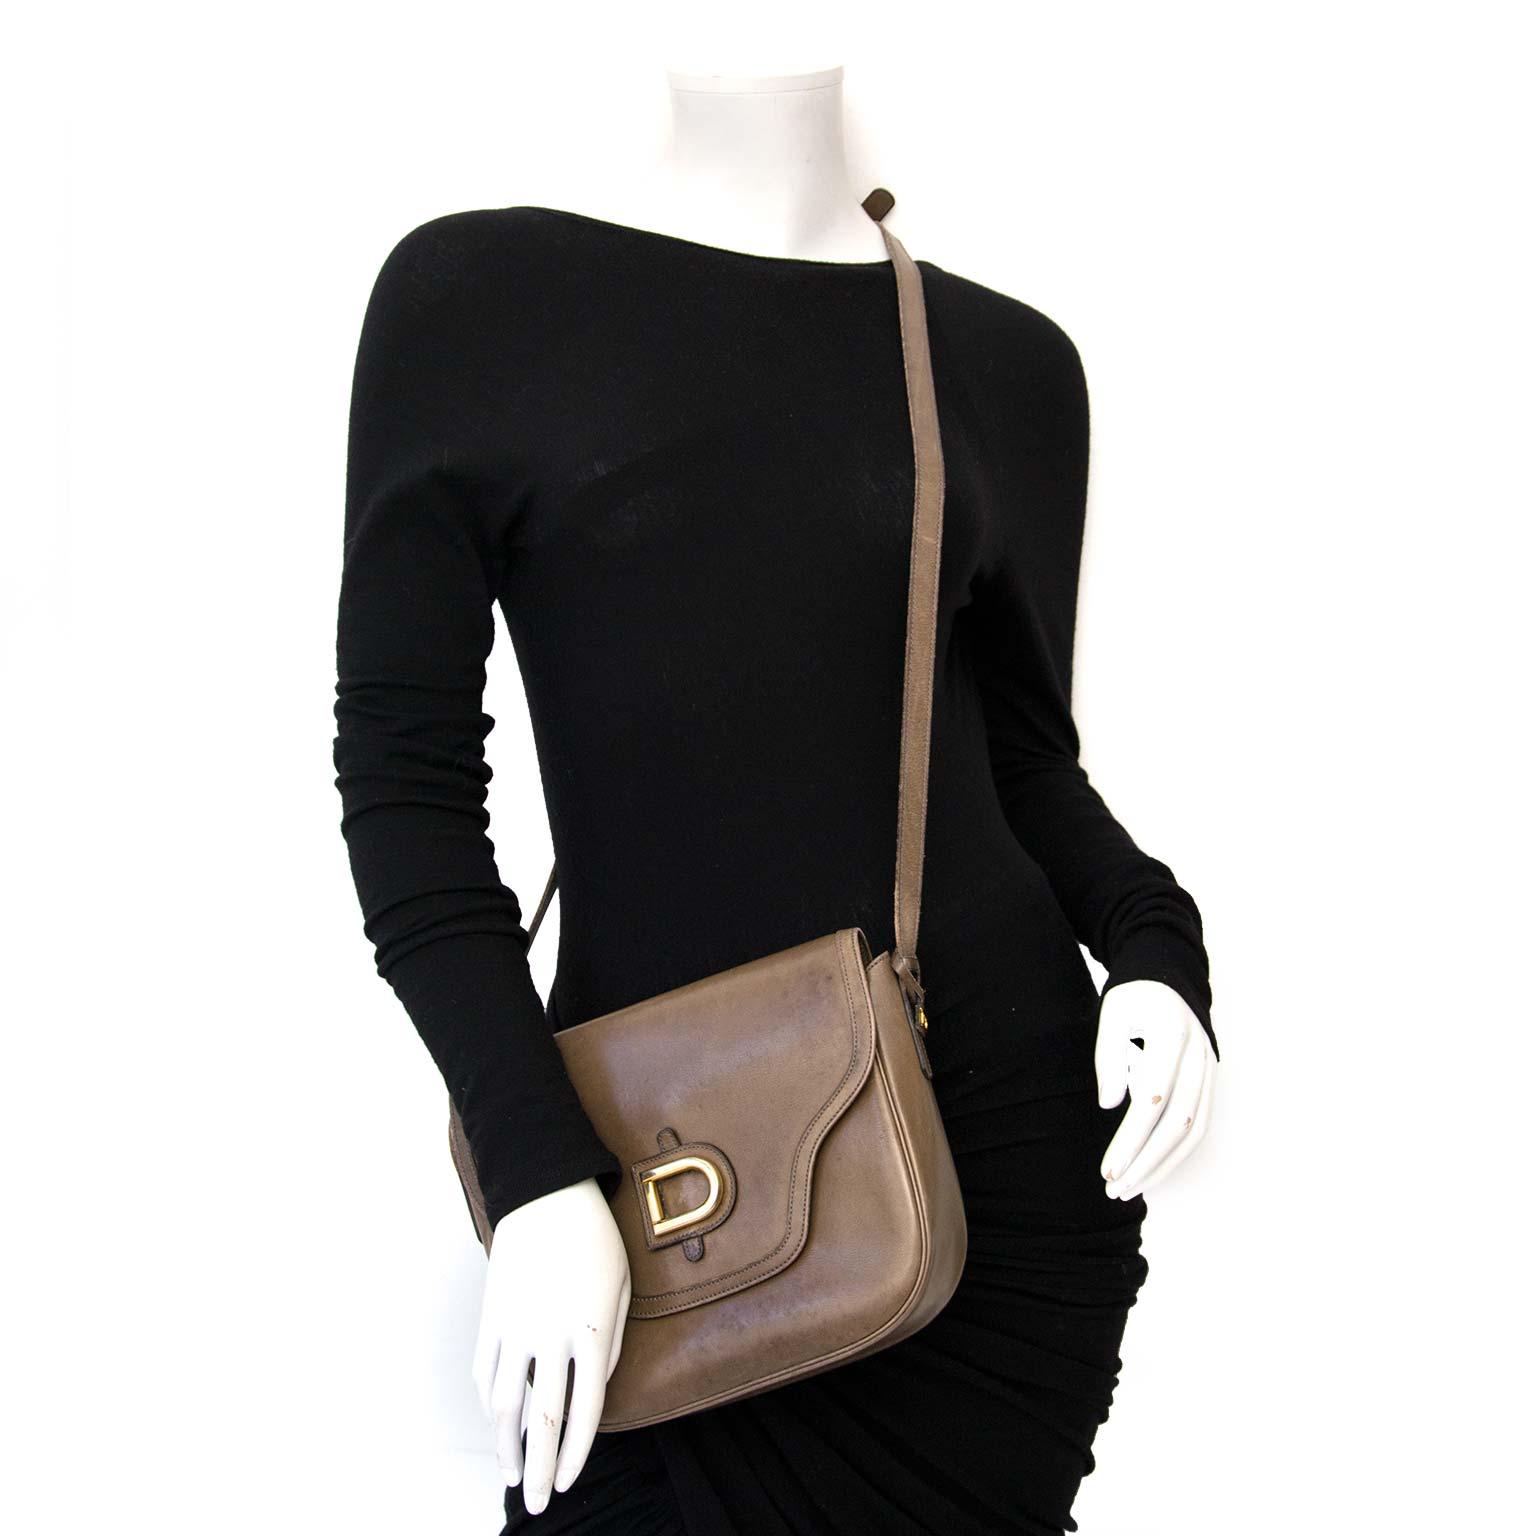 acheter en ligne pour le meilleur prix Delvaux Taupe Box Crossbody Bag